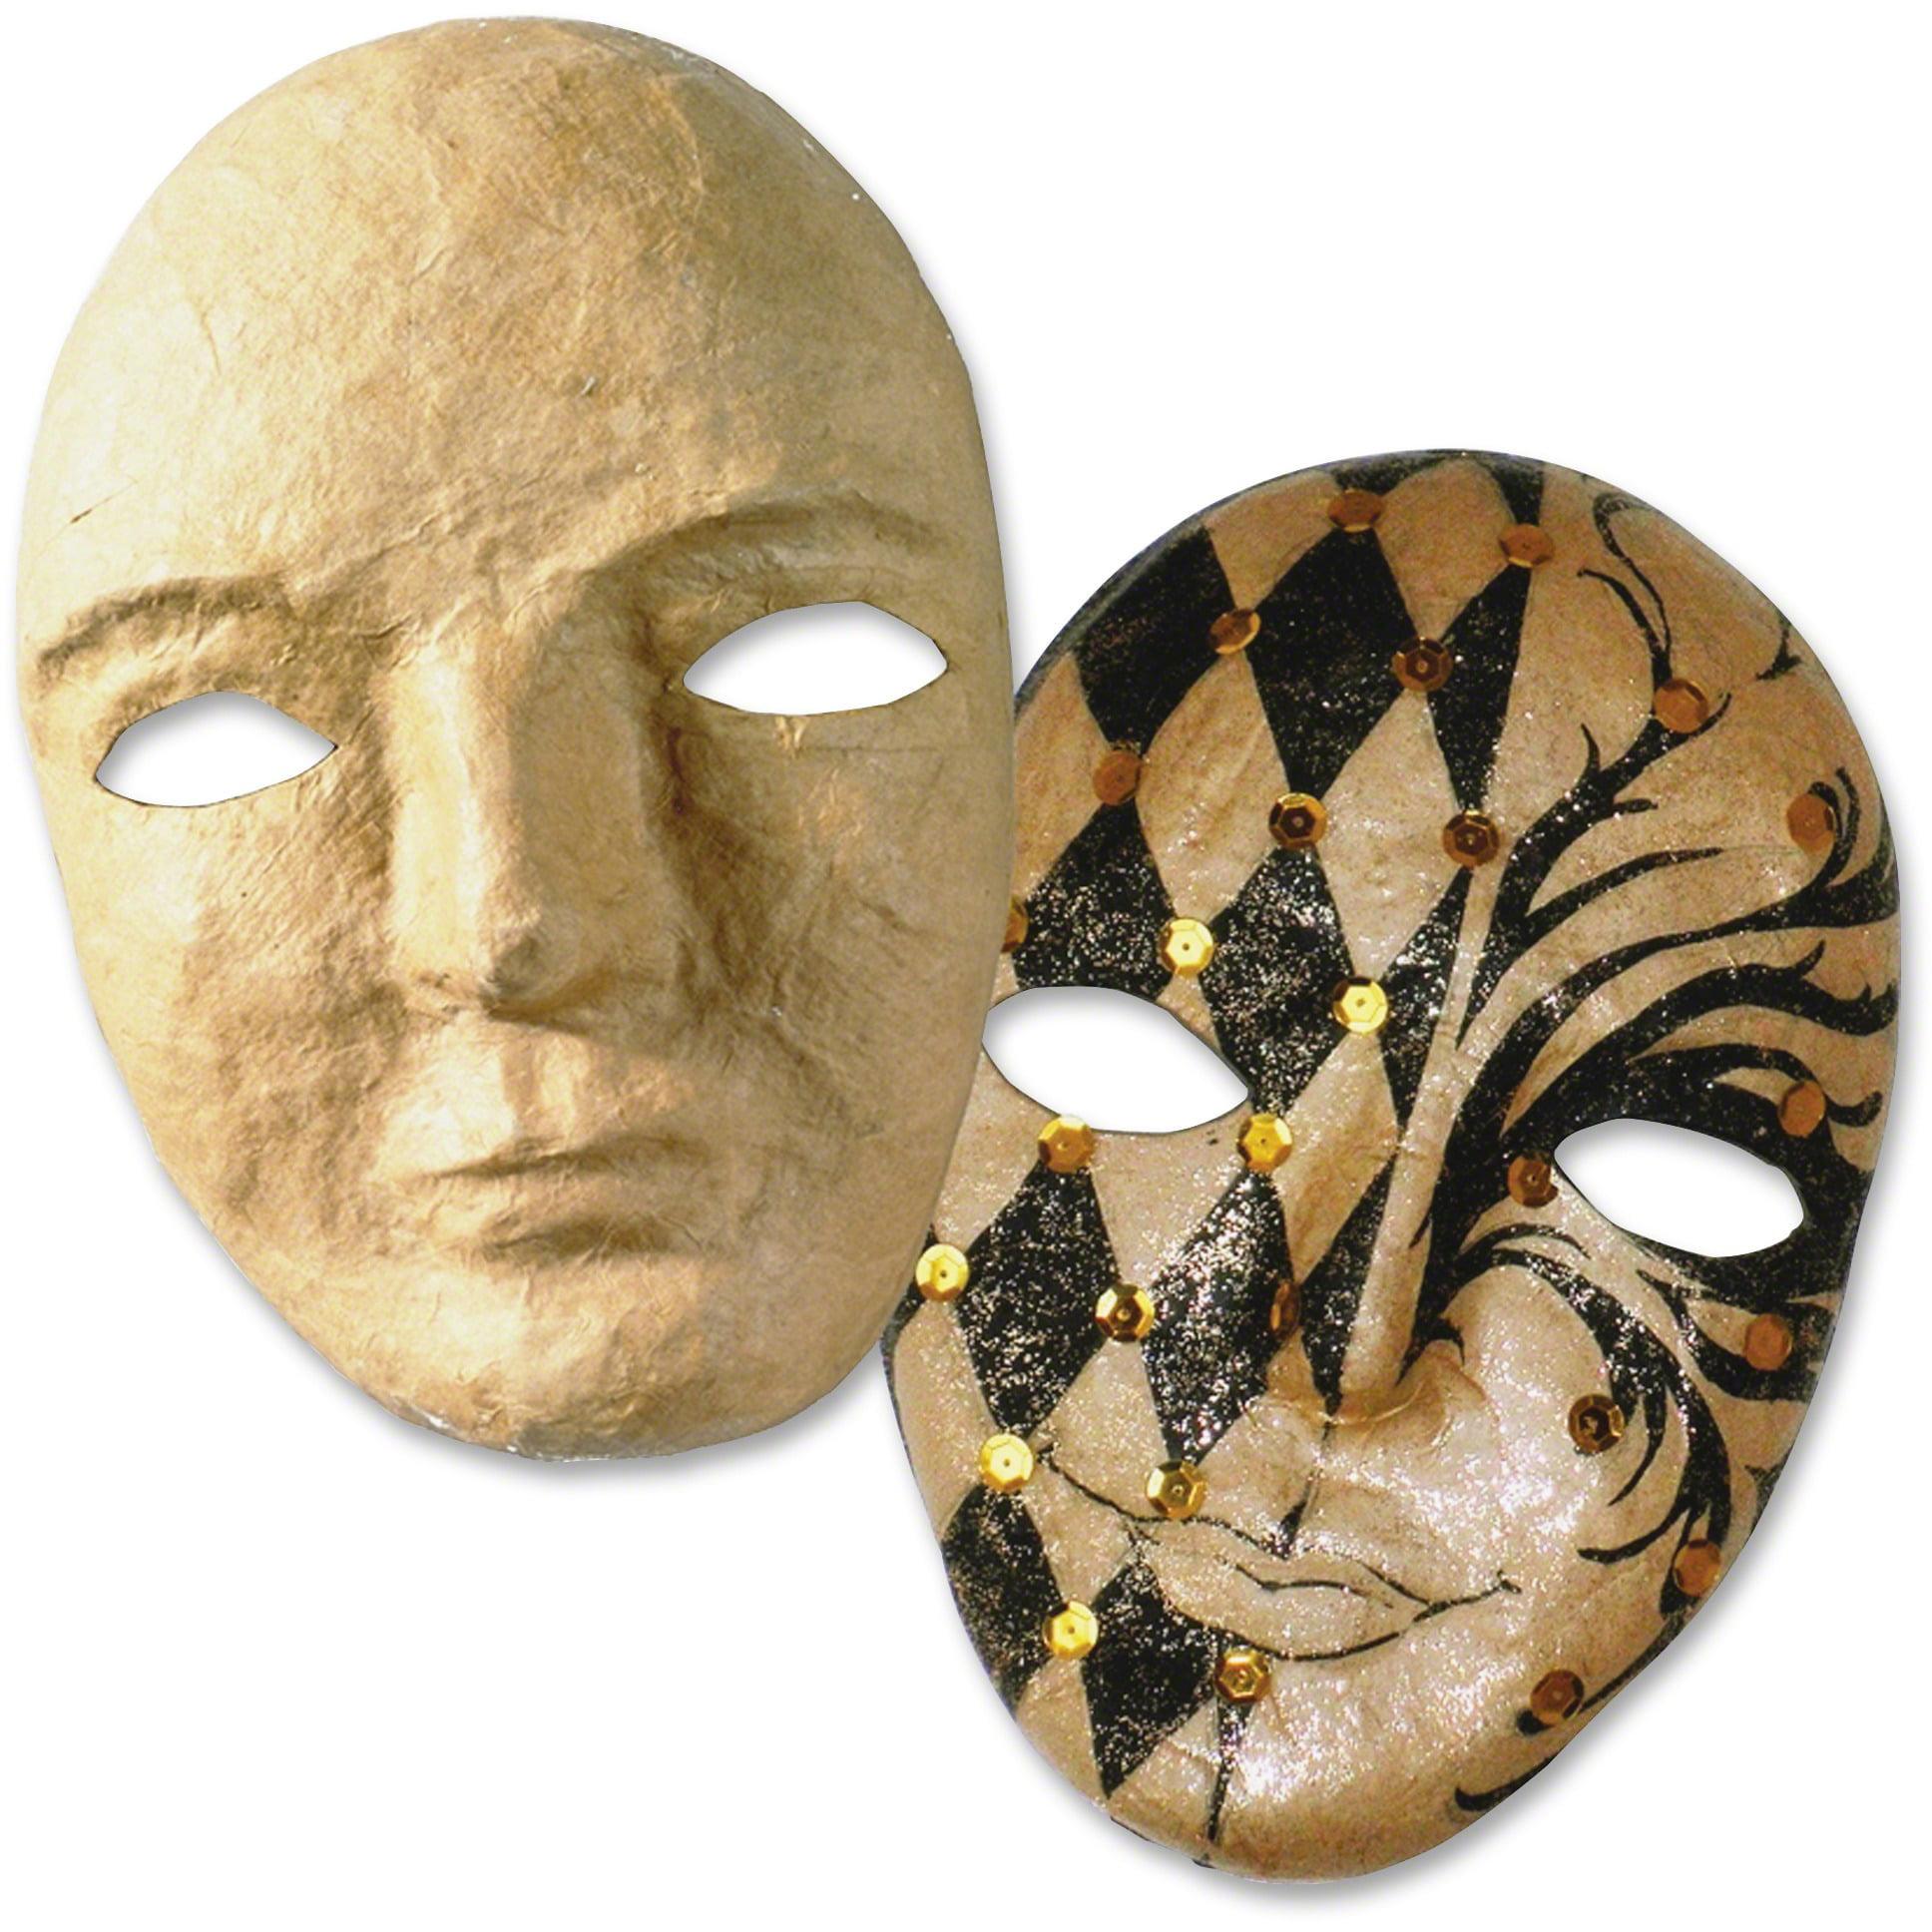 """Creativity Street, CKC4190, 8"""" Papier Mache Mask, 1 Each, Natural"""